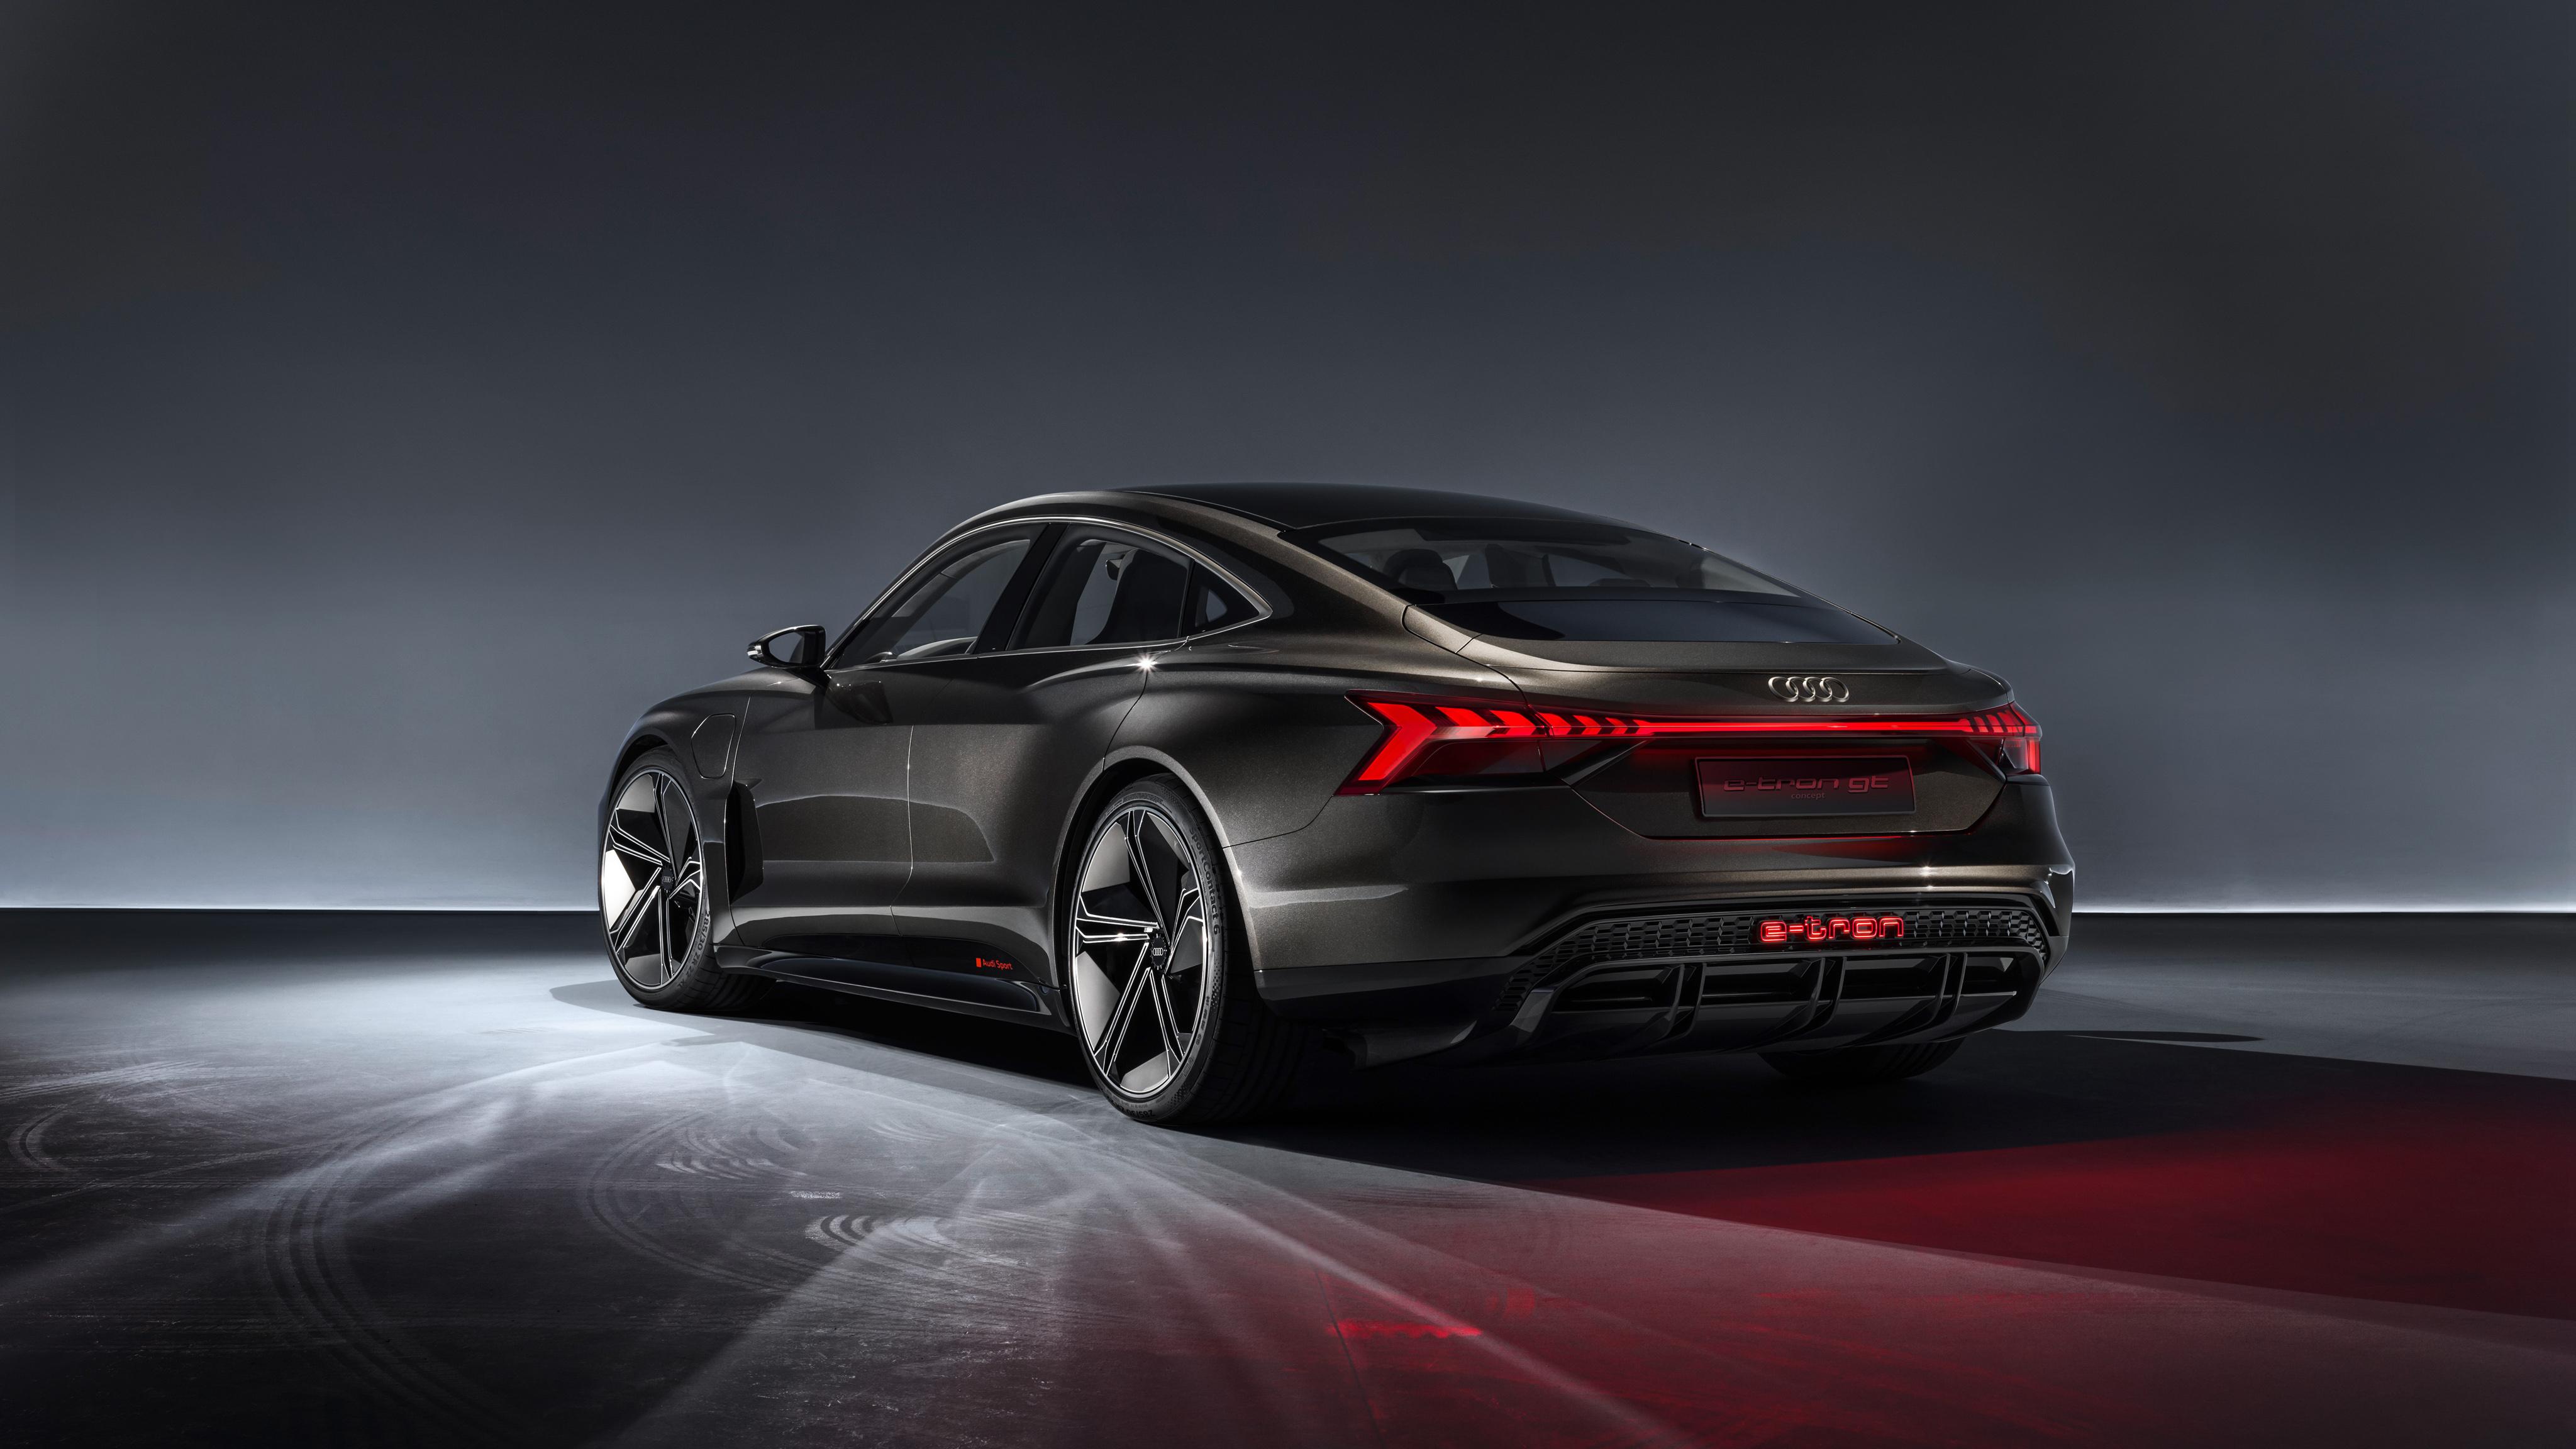 Audi E Tron Gt Concept 2019 4k 4 Wallpaper Hd Car Wallpapers Id 11597